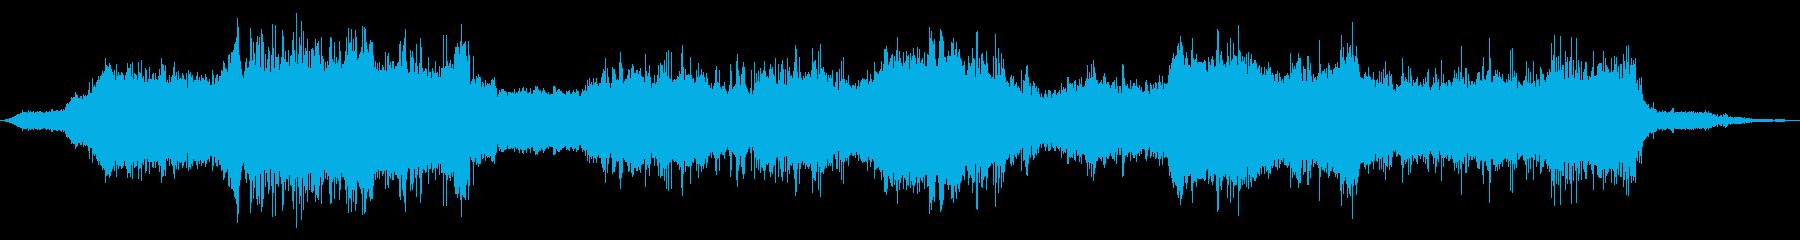 Int:アイドル、さまざまな速度で...の再生済みの波形